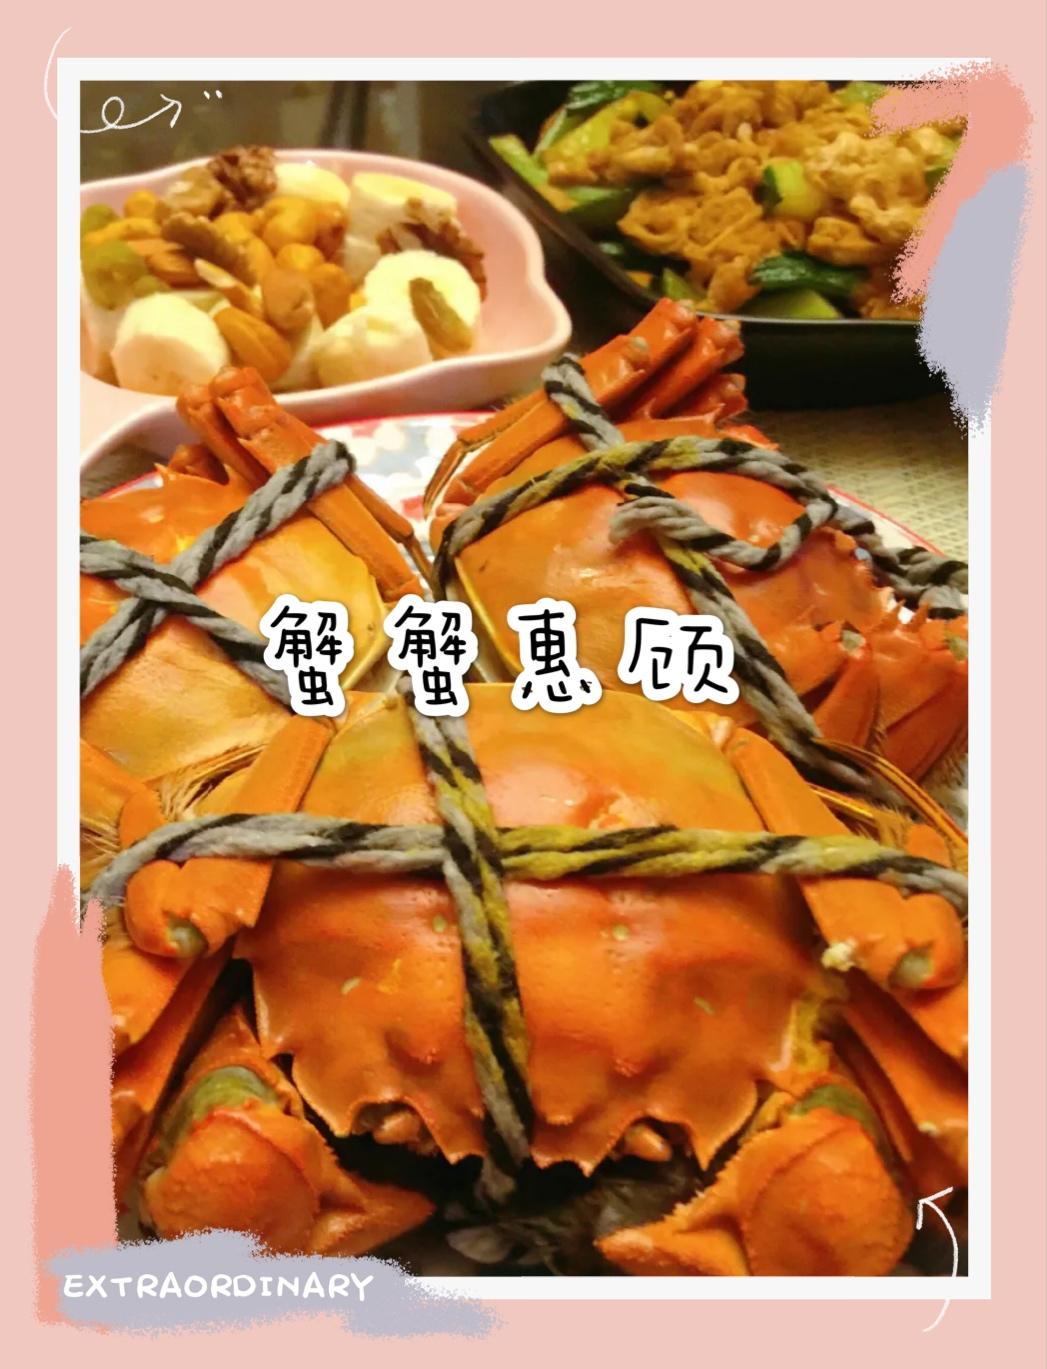 盛名已久的阳澄湖大闸蟹有了新变化